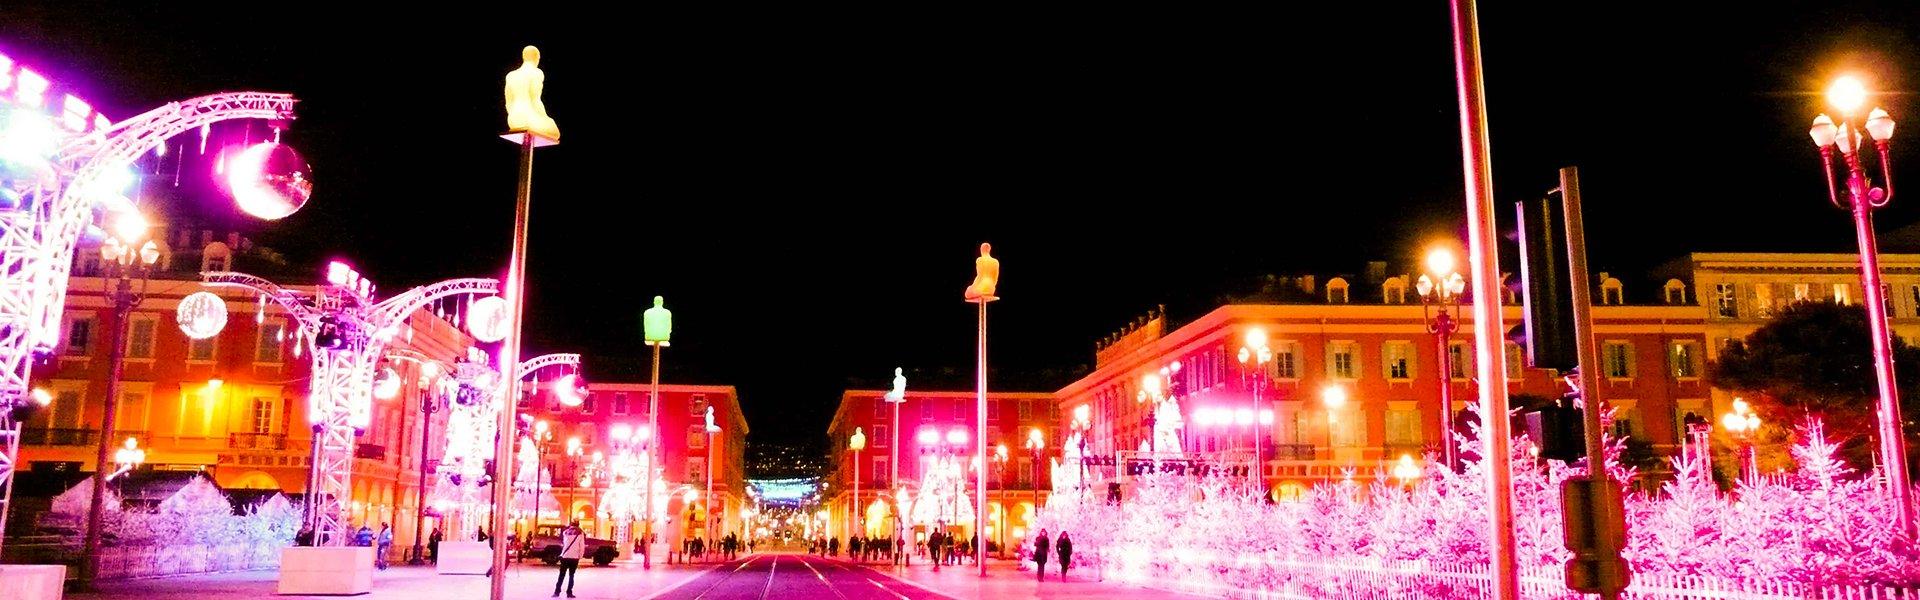 Place Masséna in Nice met kerst, Frankrijk